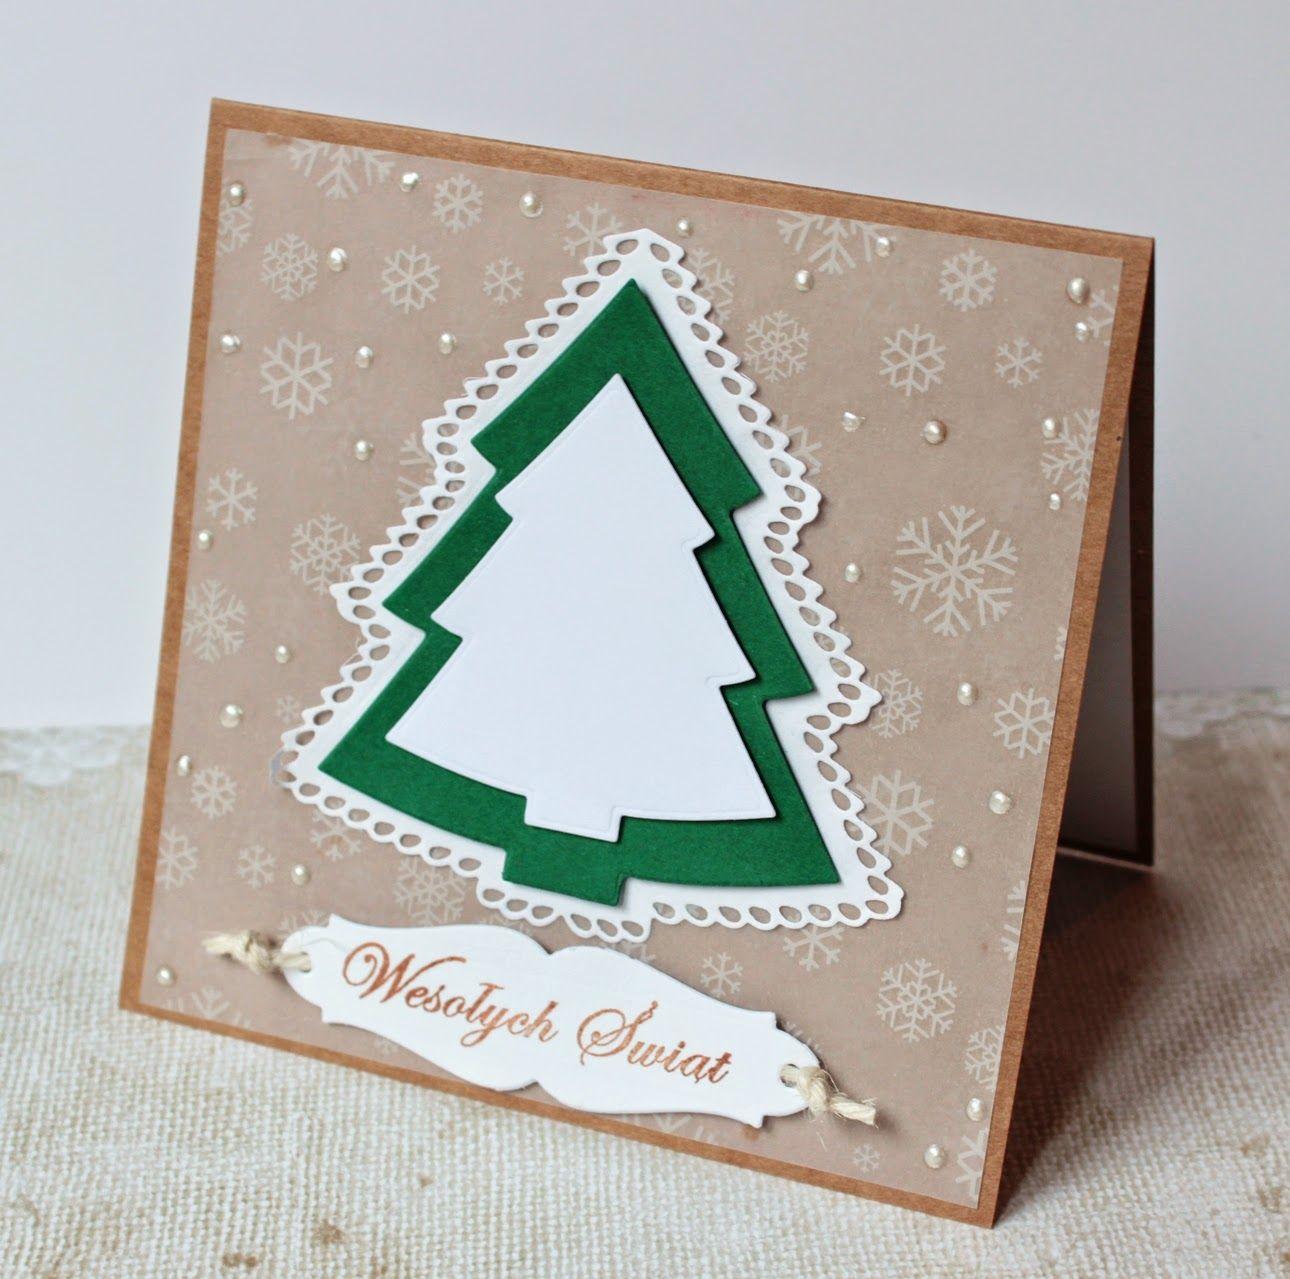 Swieta W Stylu Eco Inspirational Cards Holiday Decor Decor